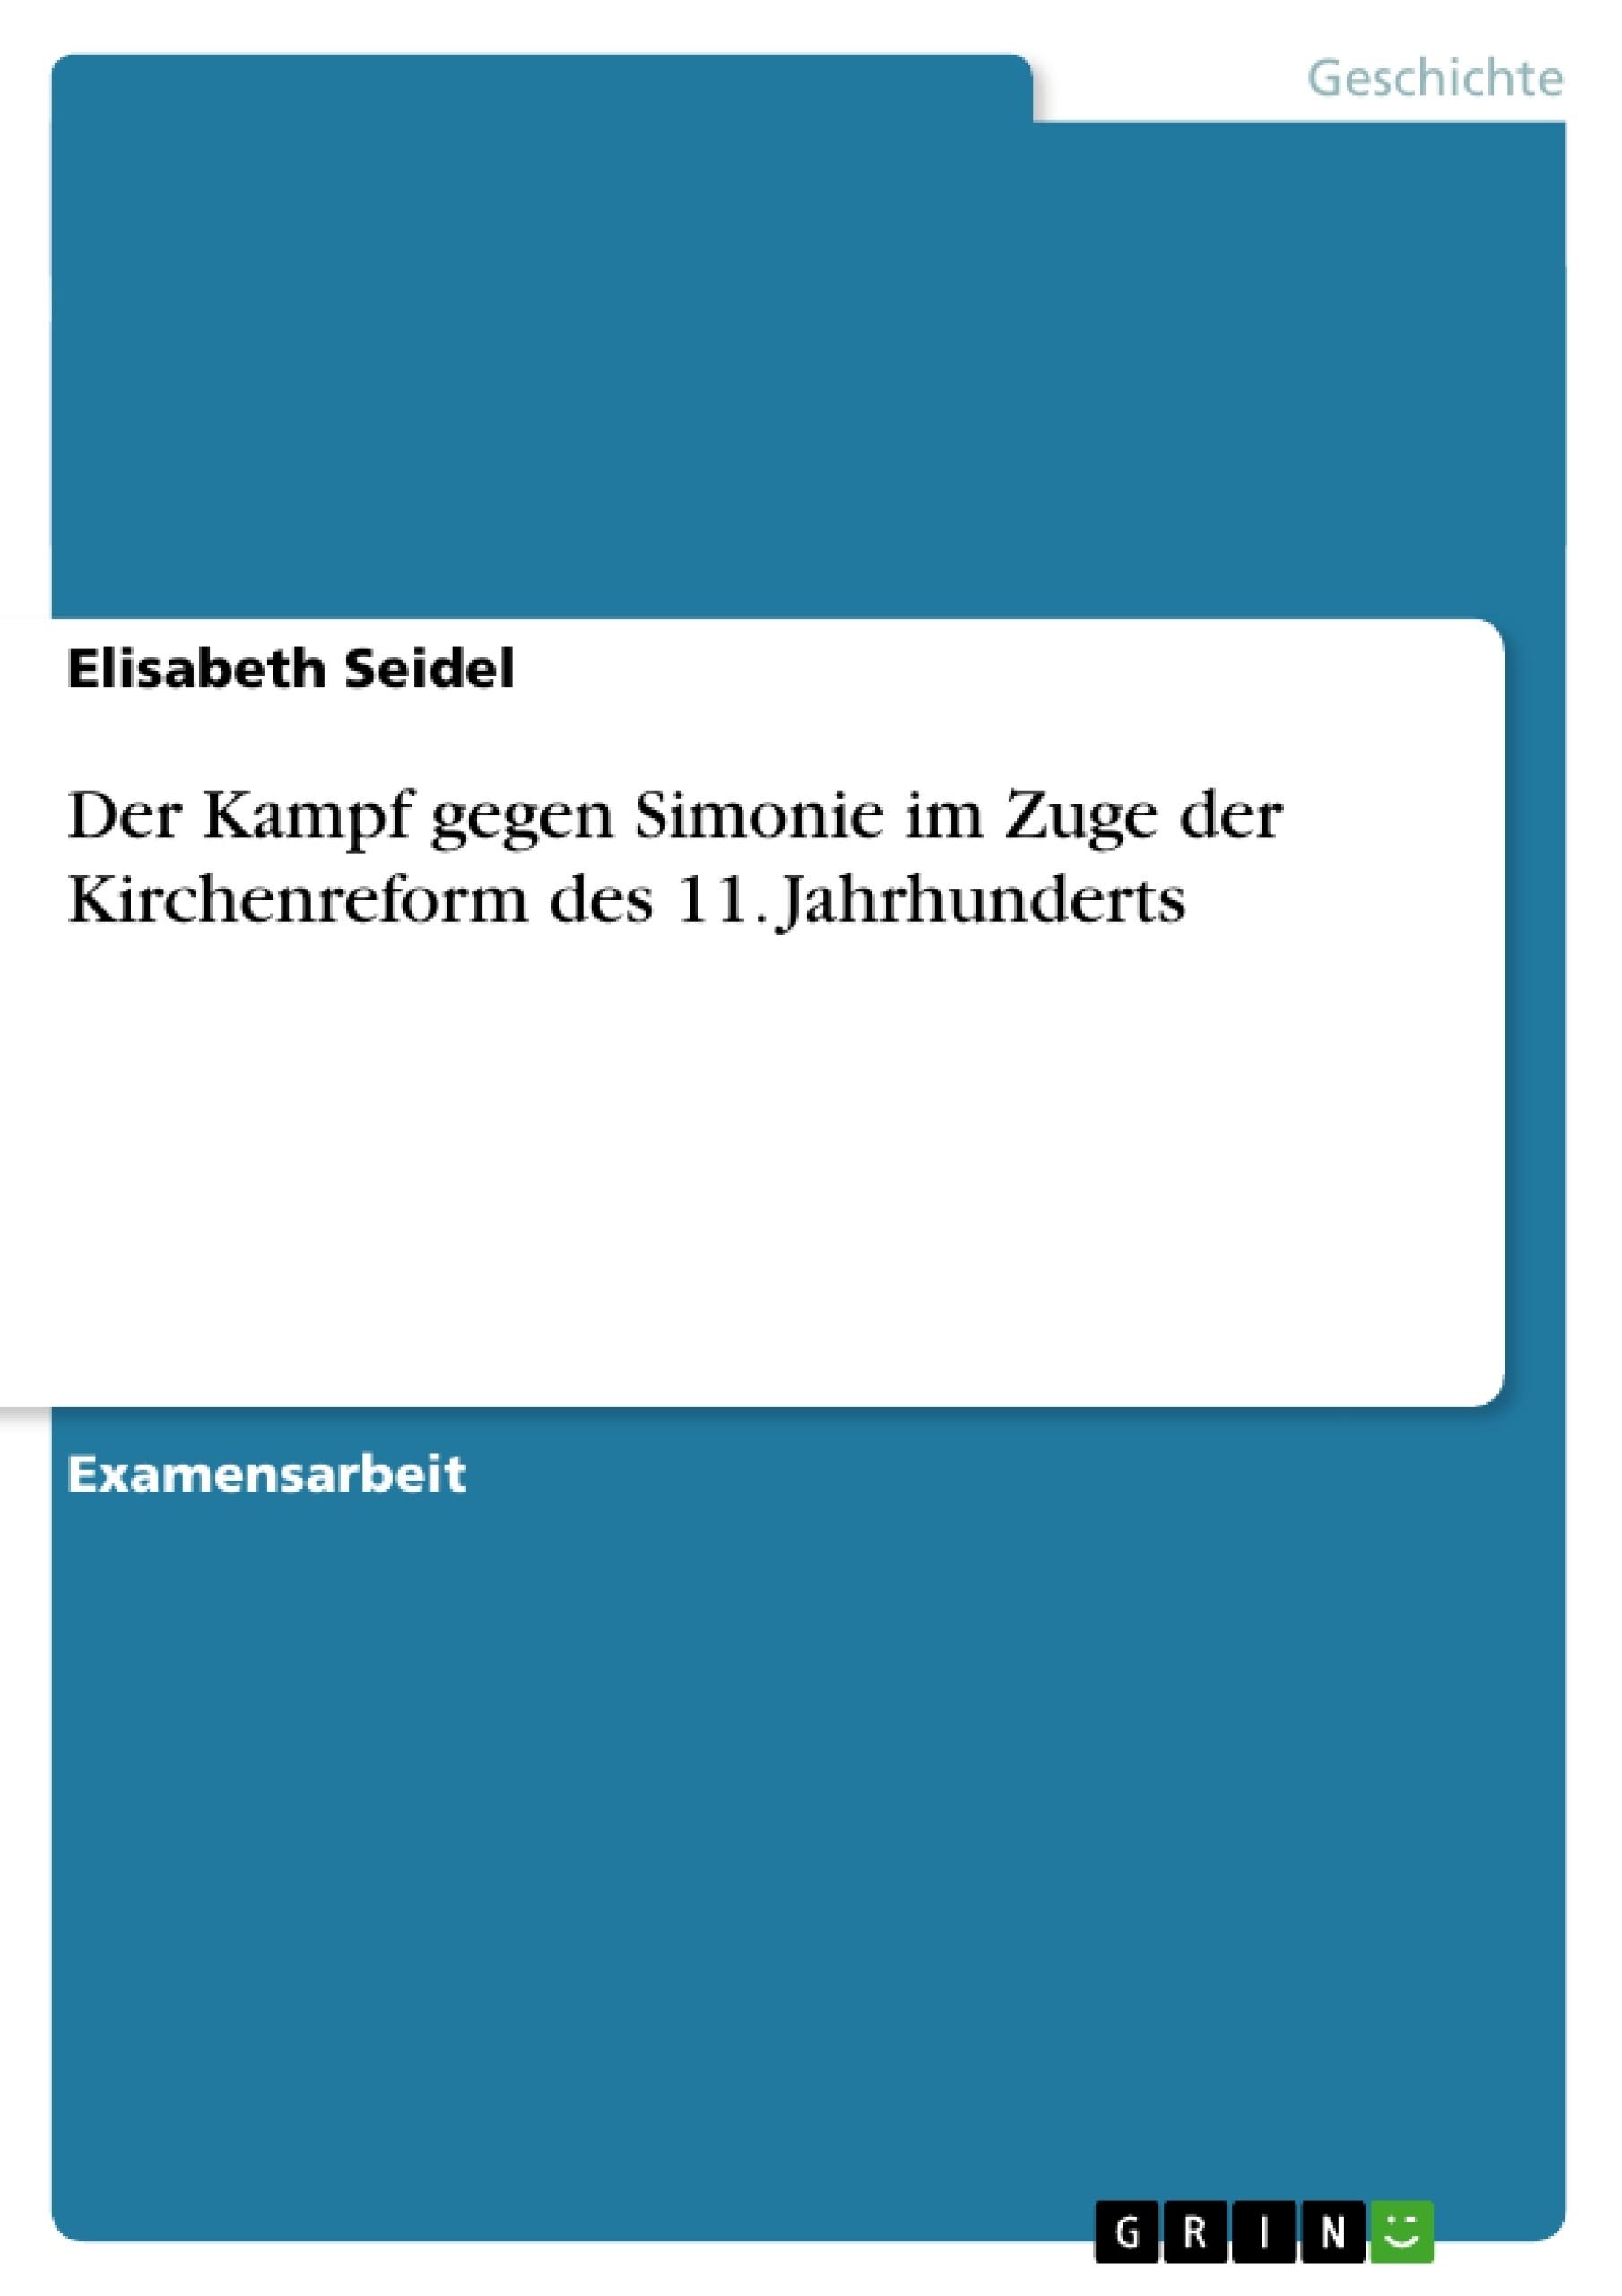 Titel: Der Kampf gegen Simonie im Zuge der Kirchenreform des 11. Jahrhunderts